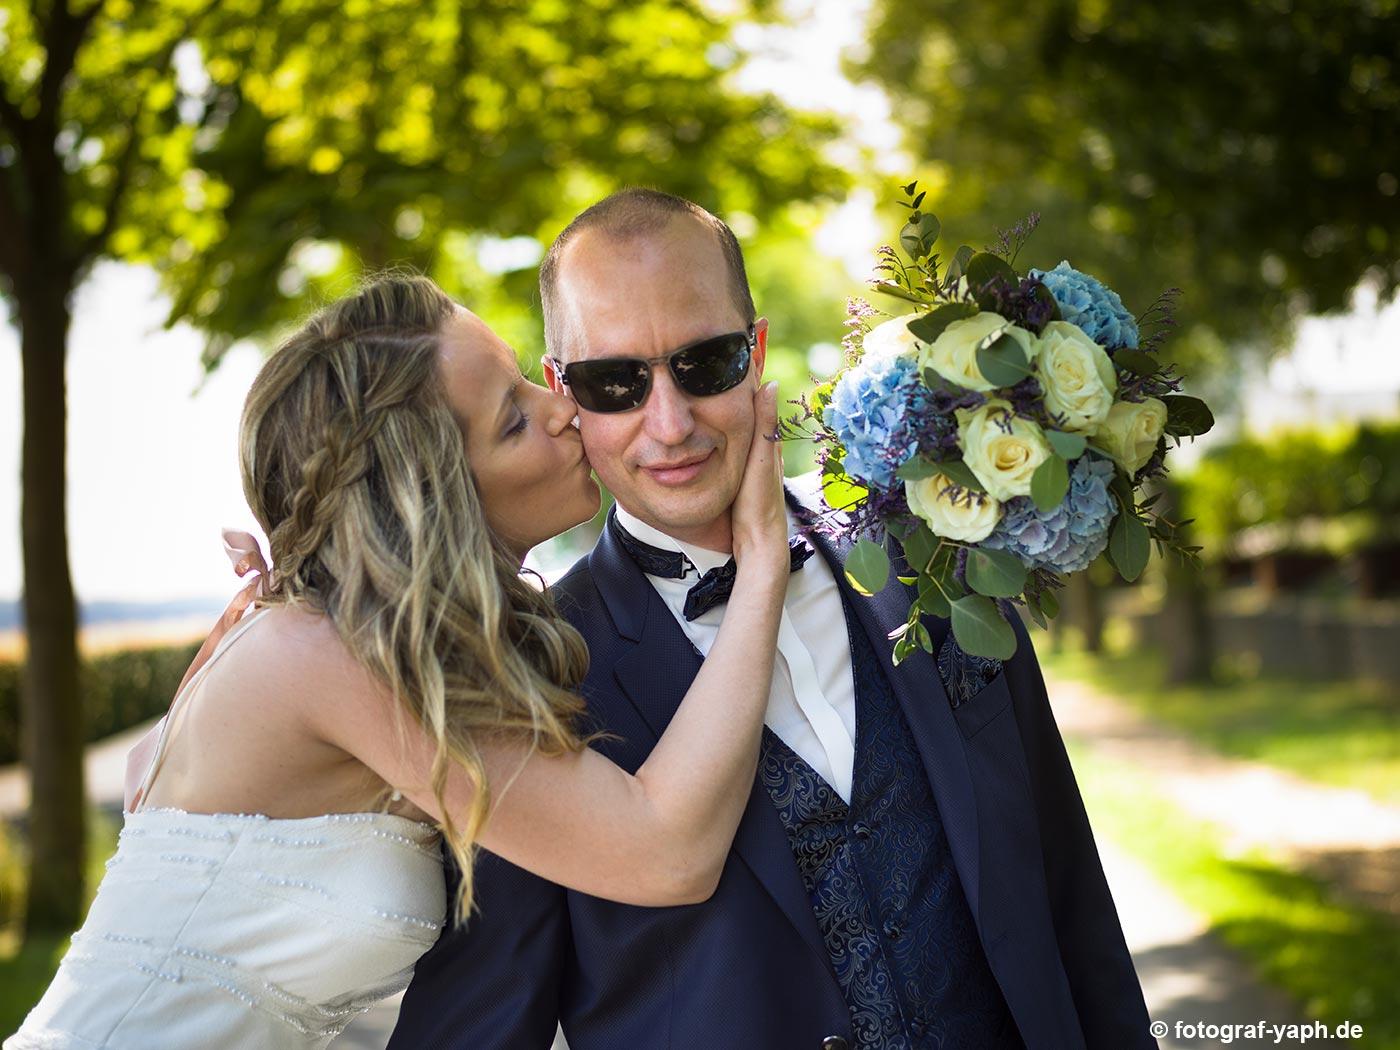 Fotograf für Hochzeit in Trier Petrisberg Yaph für Brautbilder von Petra & Herbert